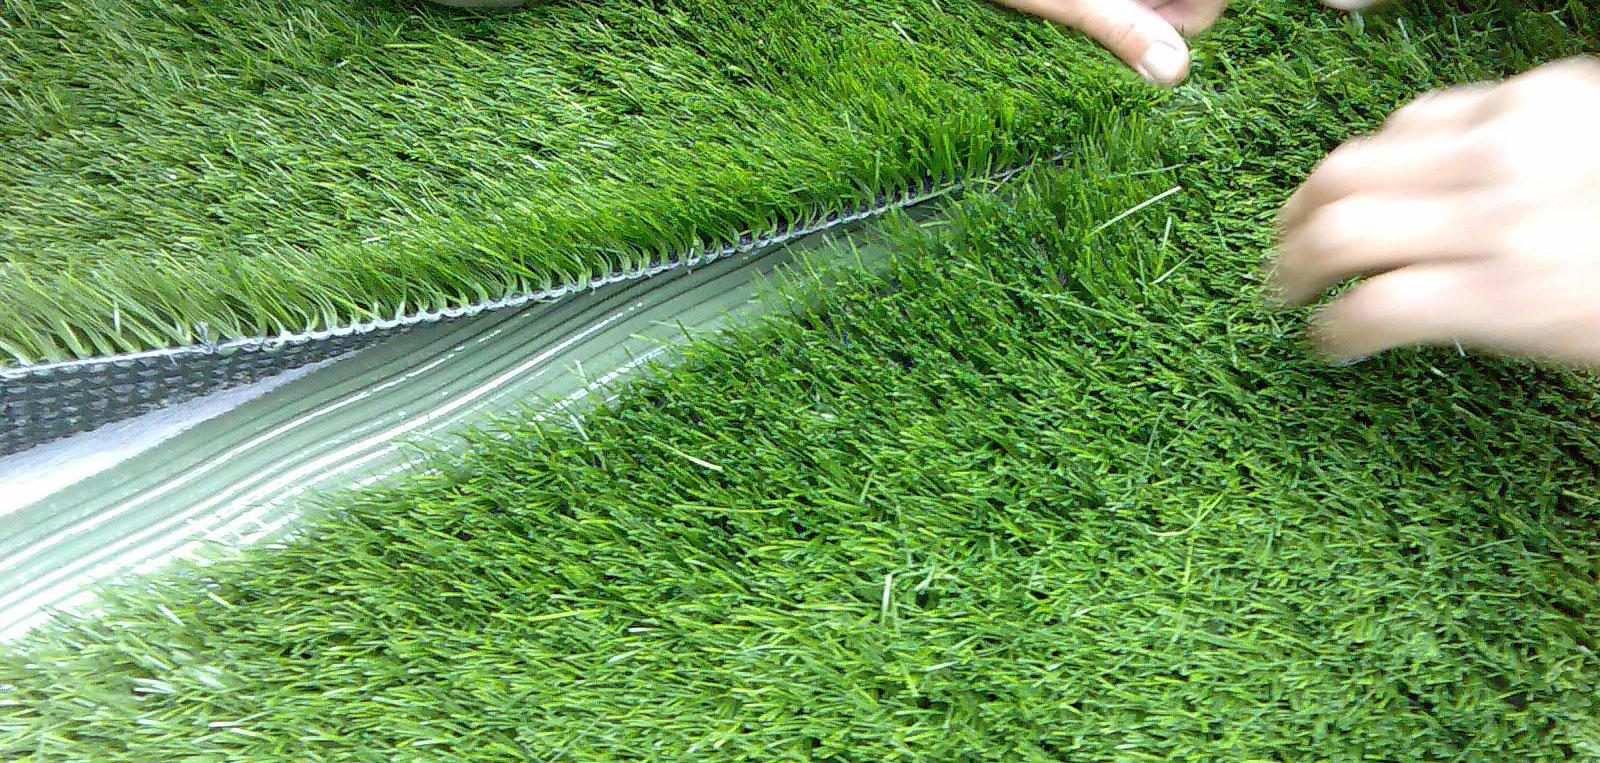 https://www.artificialgrasssomersetwest.co.za/wp-content/uploads/2020/07/Artificial_Grass_Installation.jpg